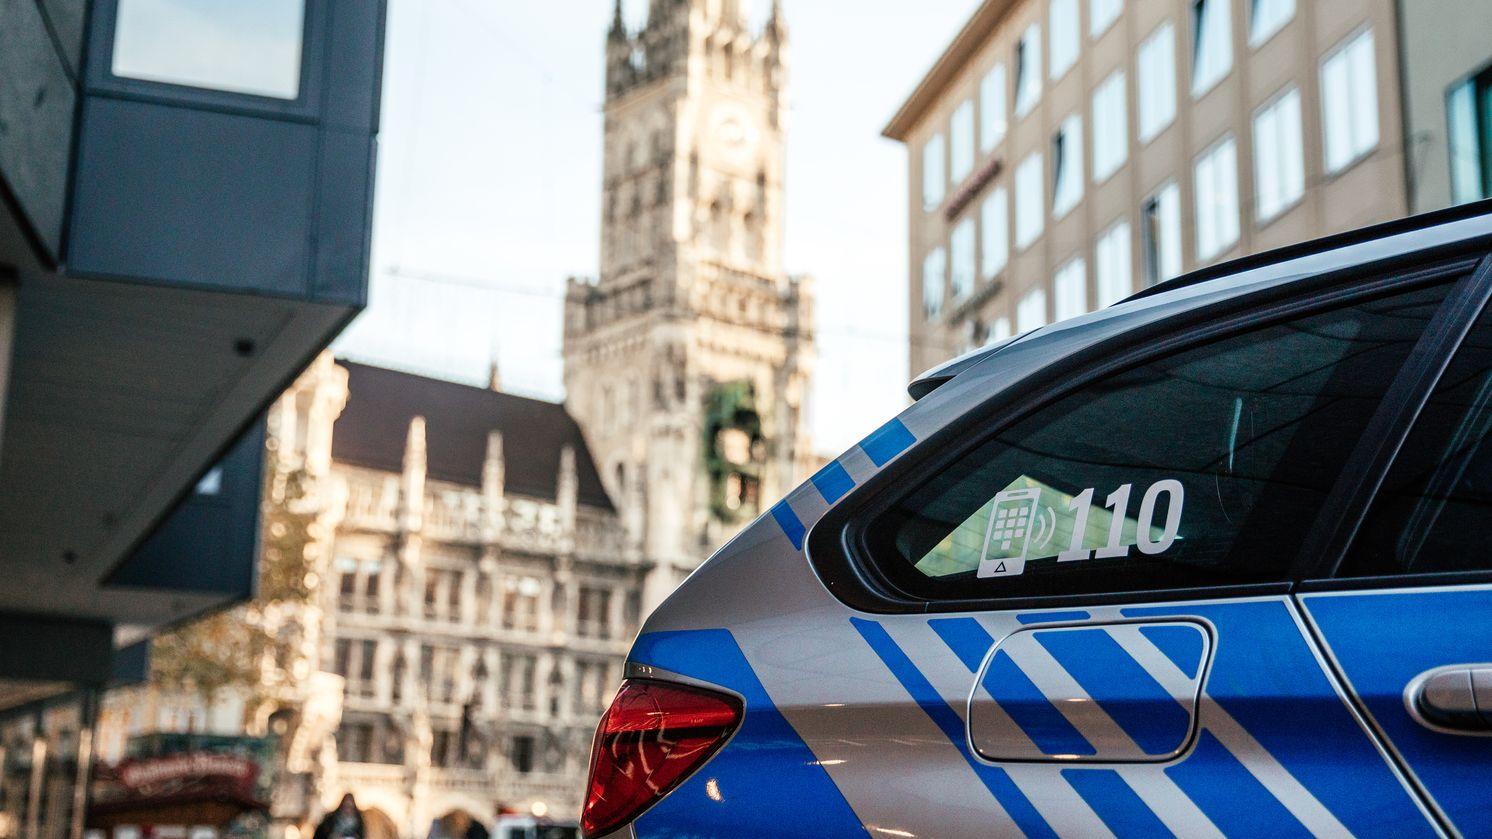 Am Münchner Marienplatz steht ein Polizeiauto mit einem Aufkleber an der Scheibe, der auf die Notrufnummer 110 hinweist.